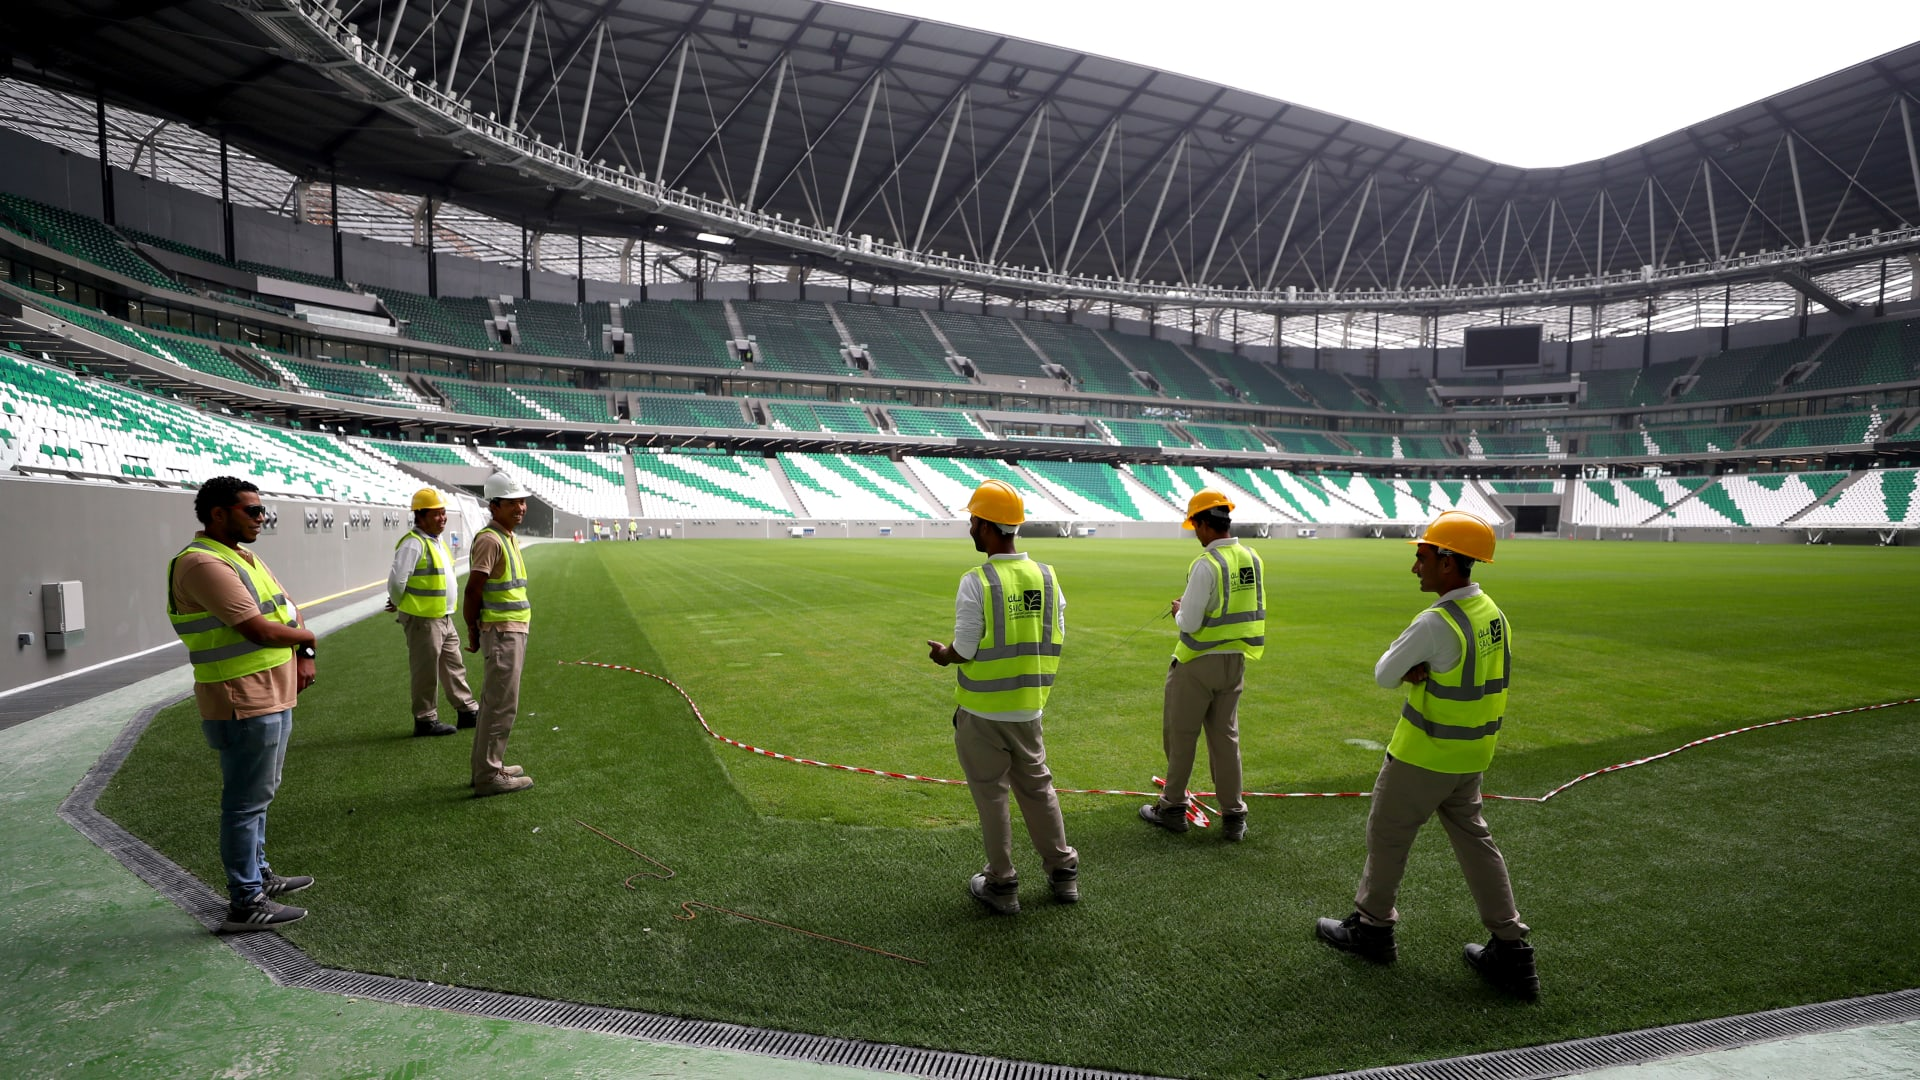 الدوحة، قطر - 15 ديسمبر: شوهد عمال داخل الاستاد خلال جولة استاد قبل انطلاق استاد المدينة التعليمية لكأس العالم FIFA قطر 2022